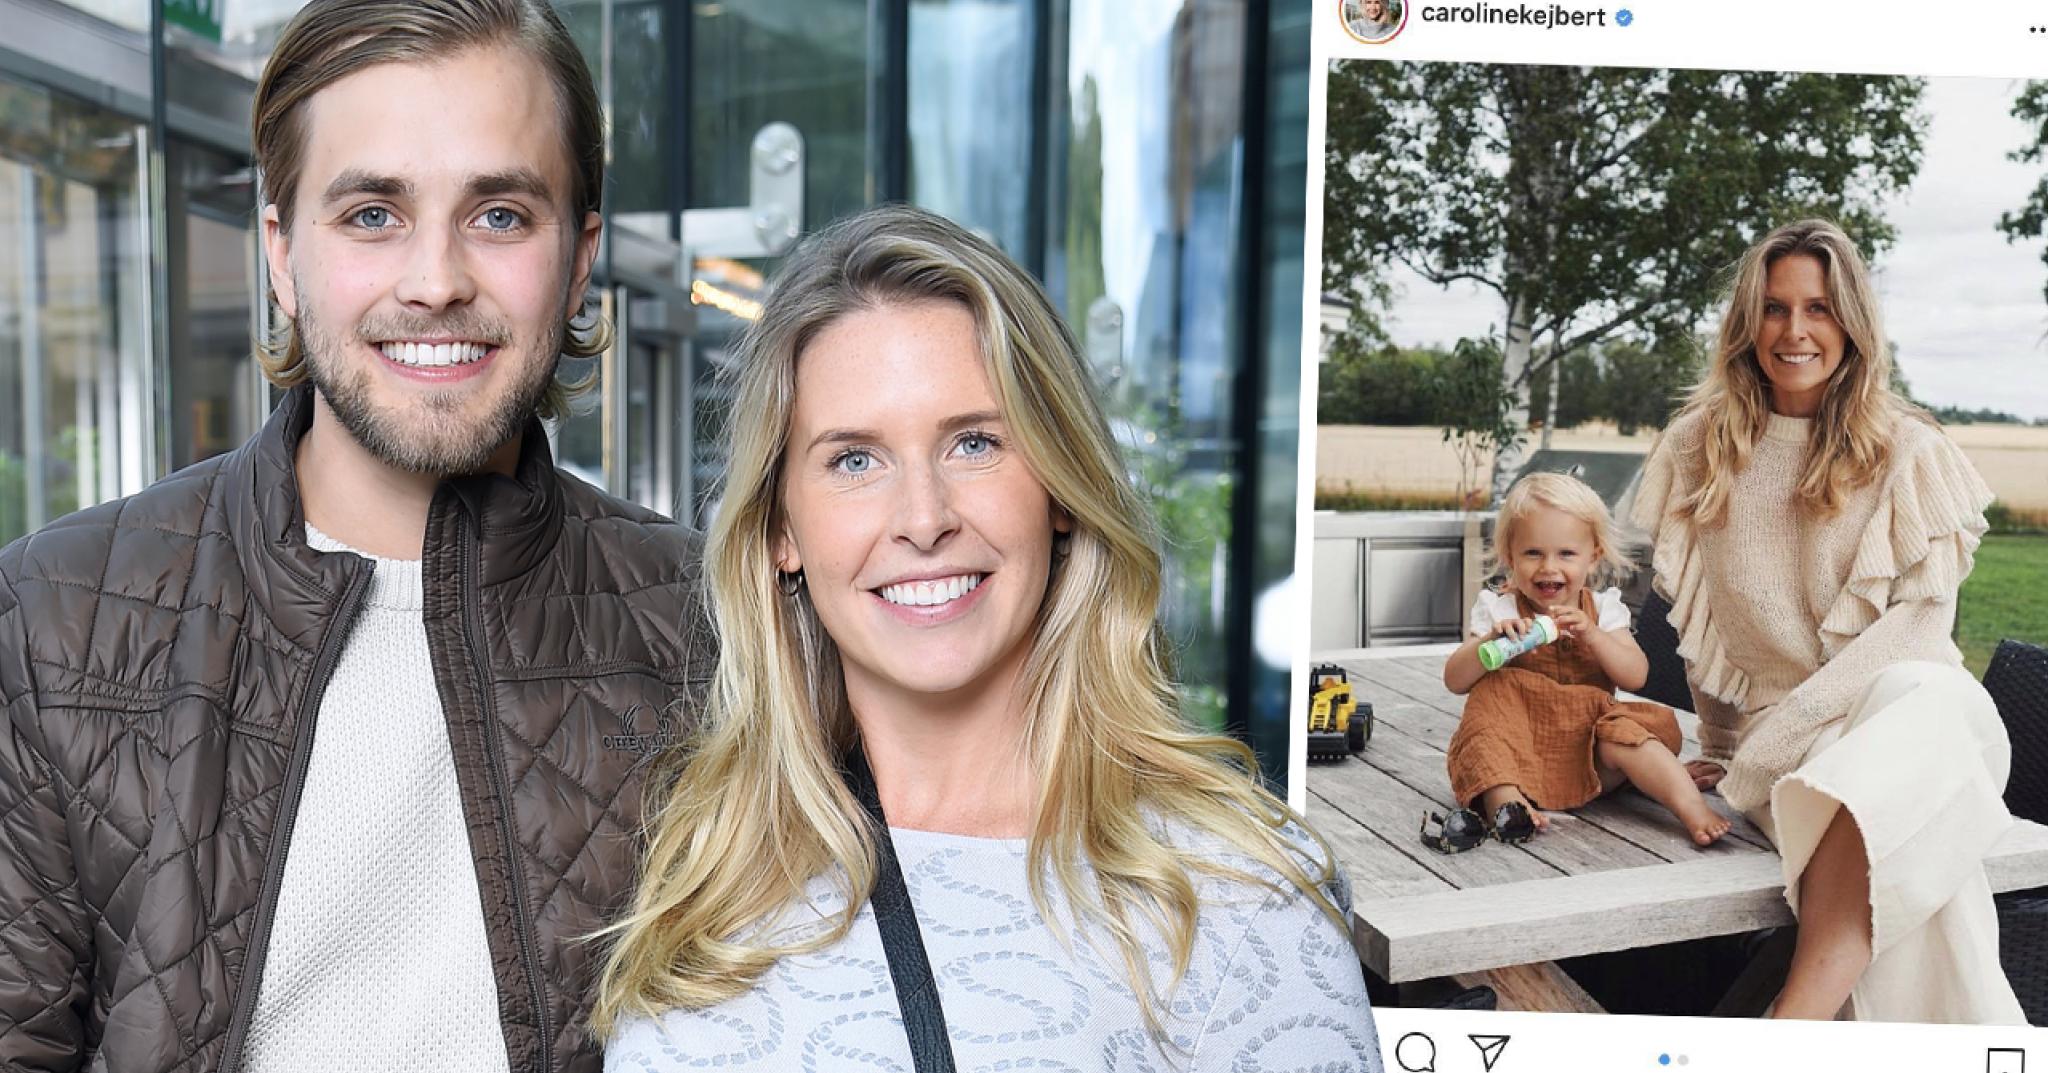 Caroline Kejberts glädjebesked – efter tuffa insikten med dottern Wilda